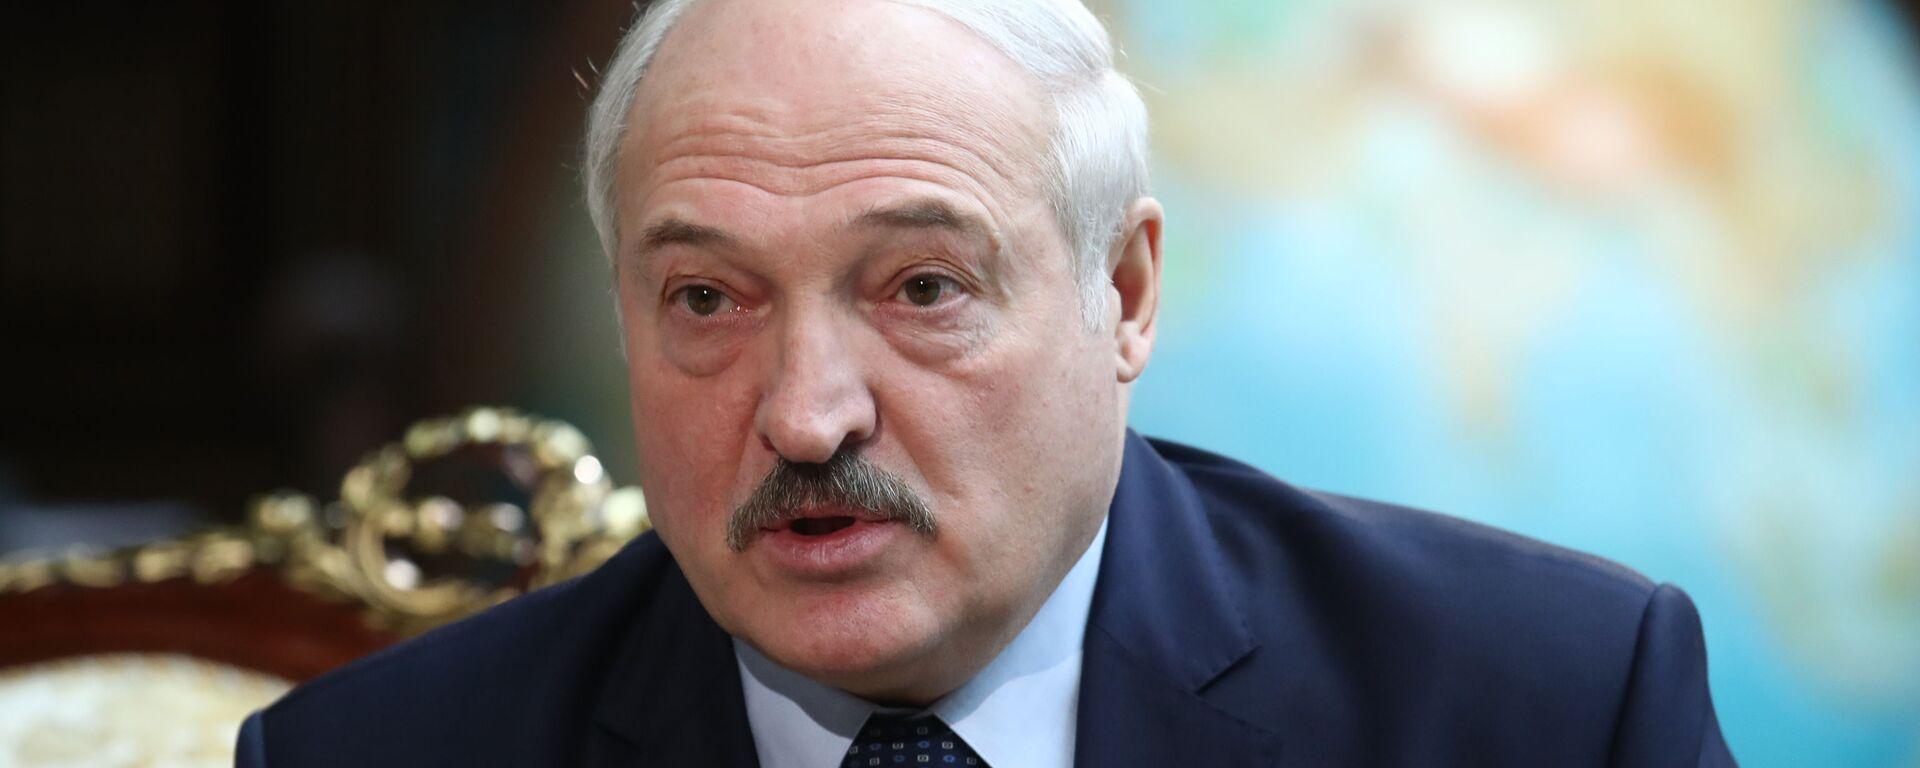 Председник Белорусије Александар Лукашенко - Sputnik Србија, 1920, 07.05.2021